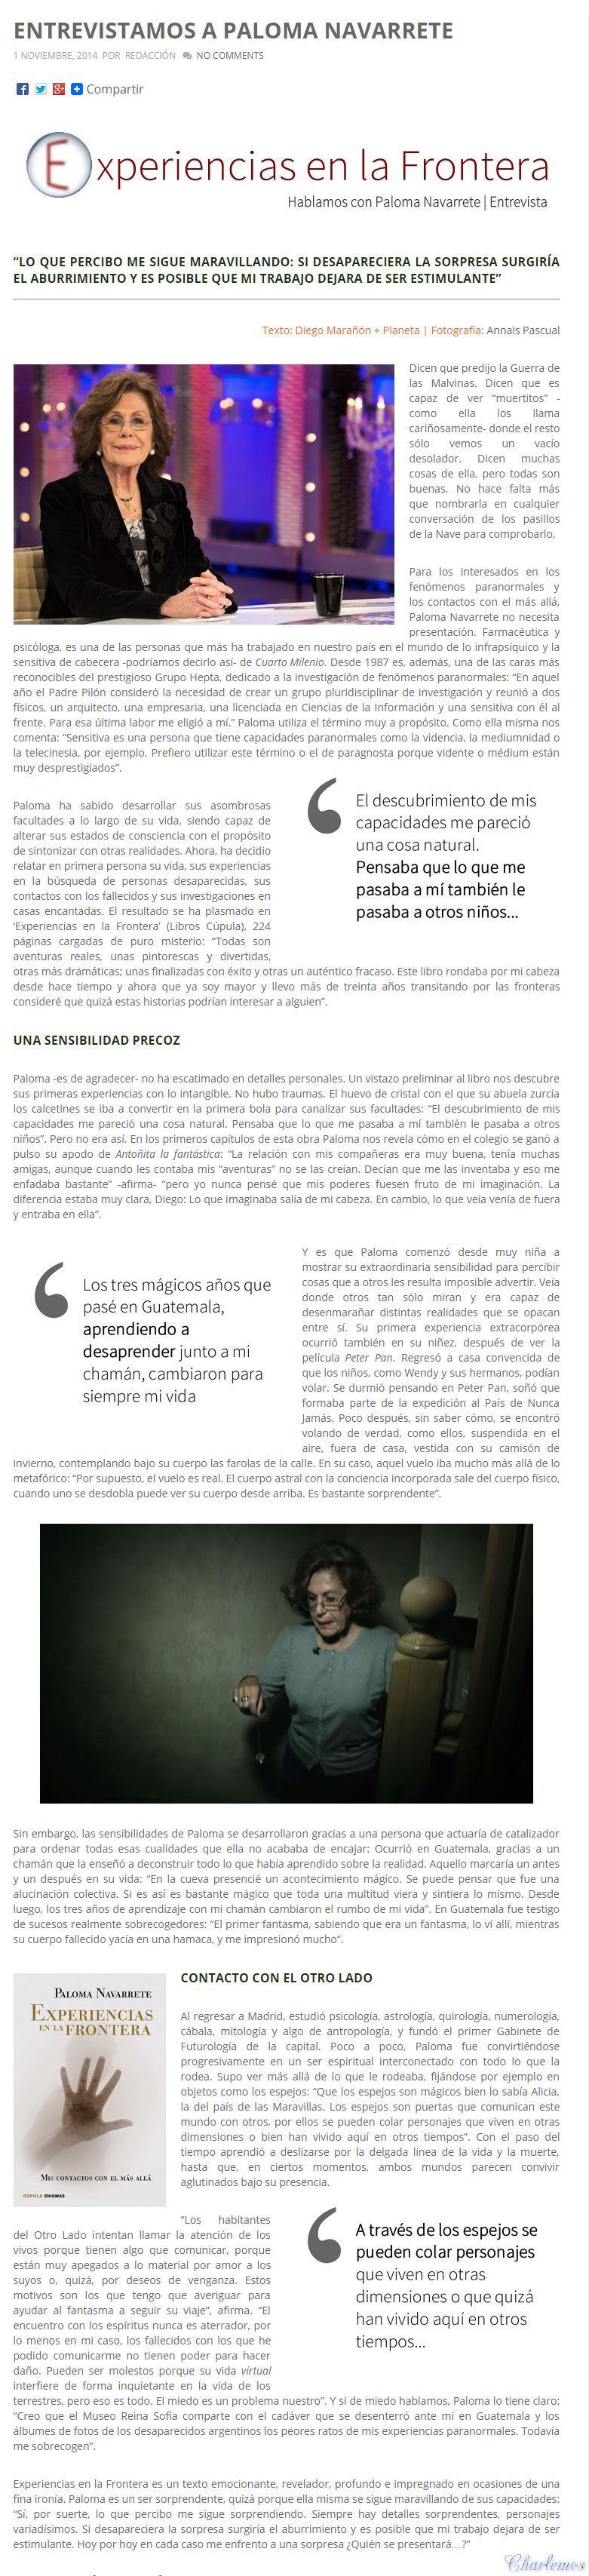 ENTREVISTA A PALOMA NAVARRETE, UNA VIDENTE EXCEPCIONAL G7aPhp